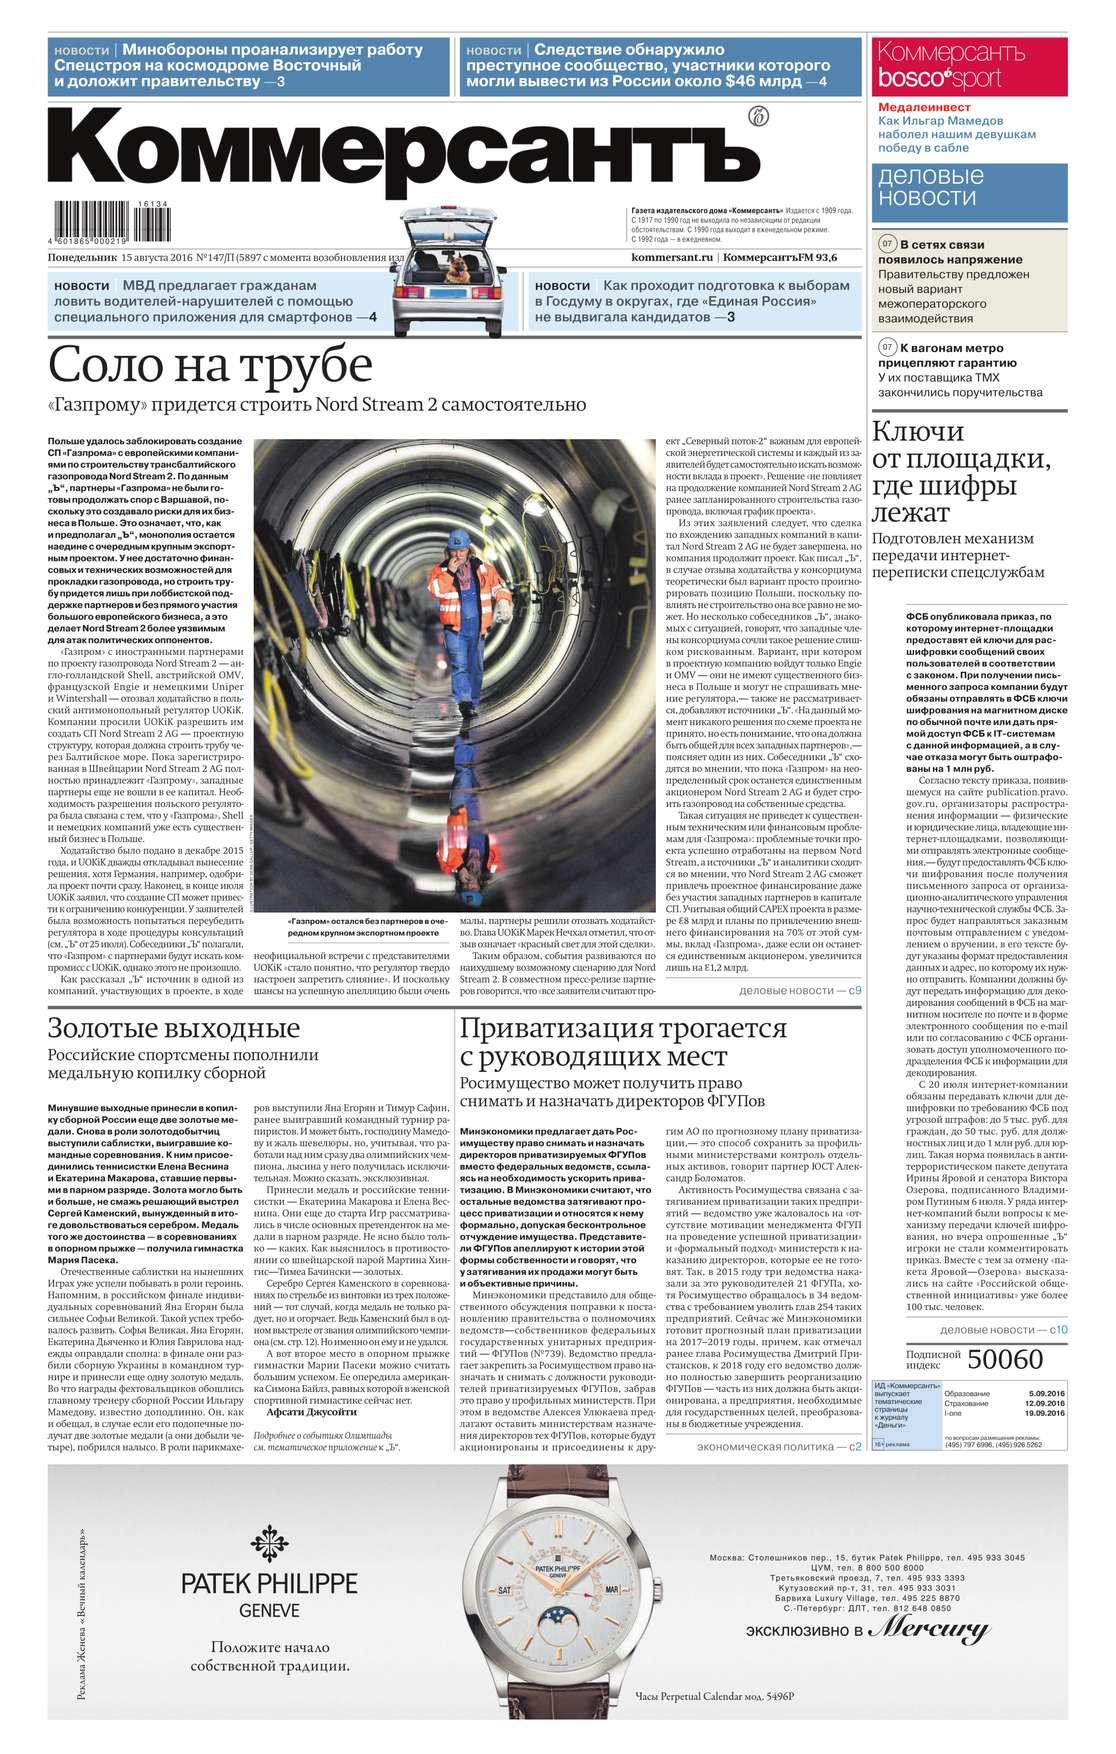 Редакция газеты Коммерсантъ (понедельник-пятница) КоммерсантЪ (понедельник-пятница) 147-2016